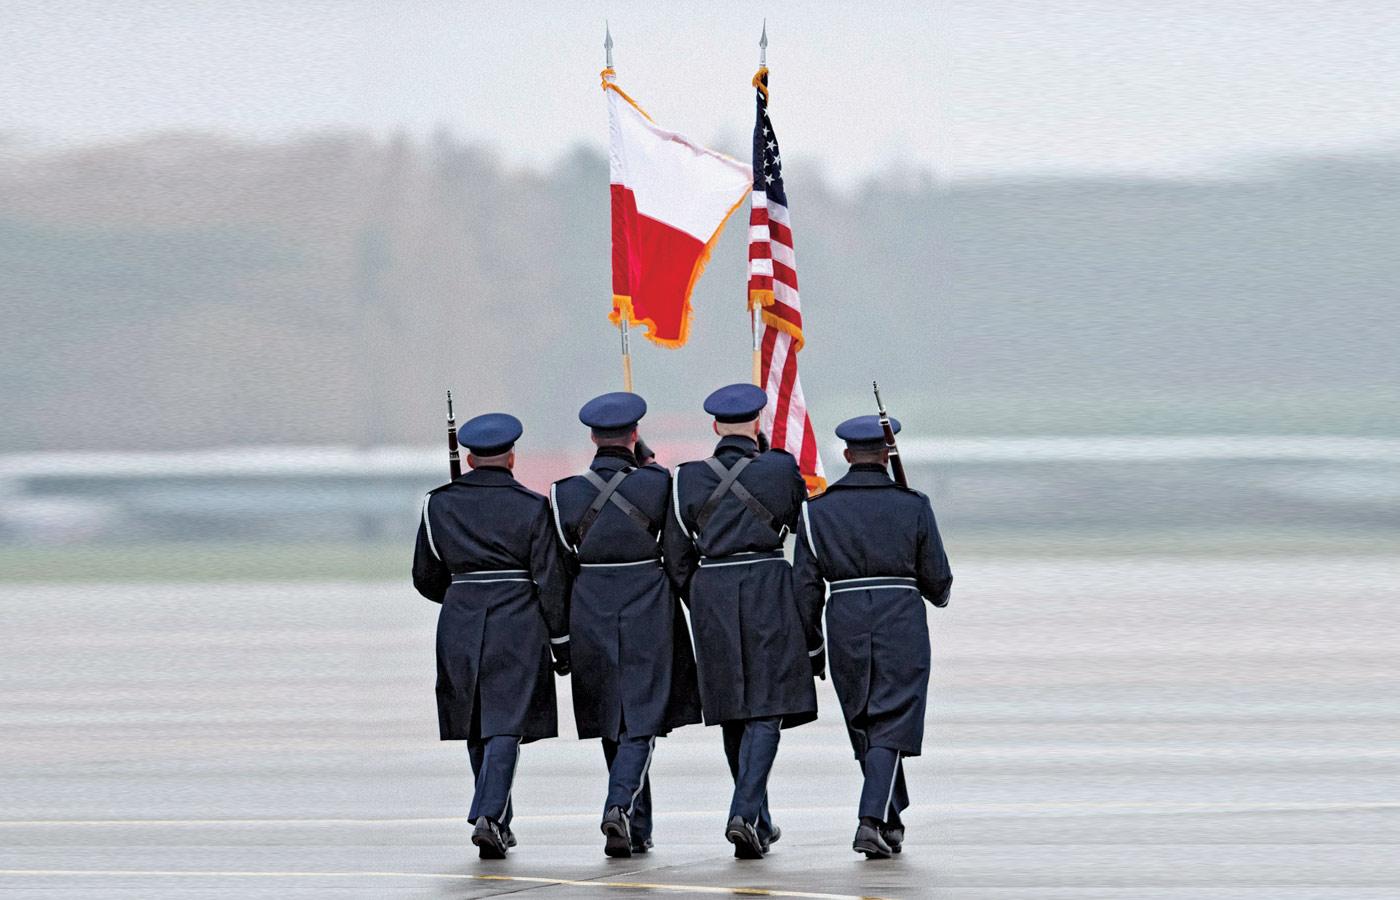 Eksperci przestrzegają przed dwustronną współpracą z USA budowaną zamiast współpracy z Europą.